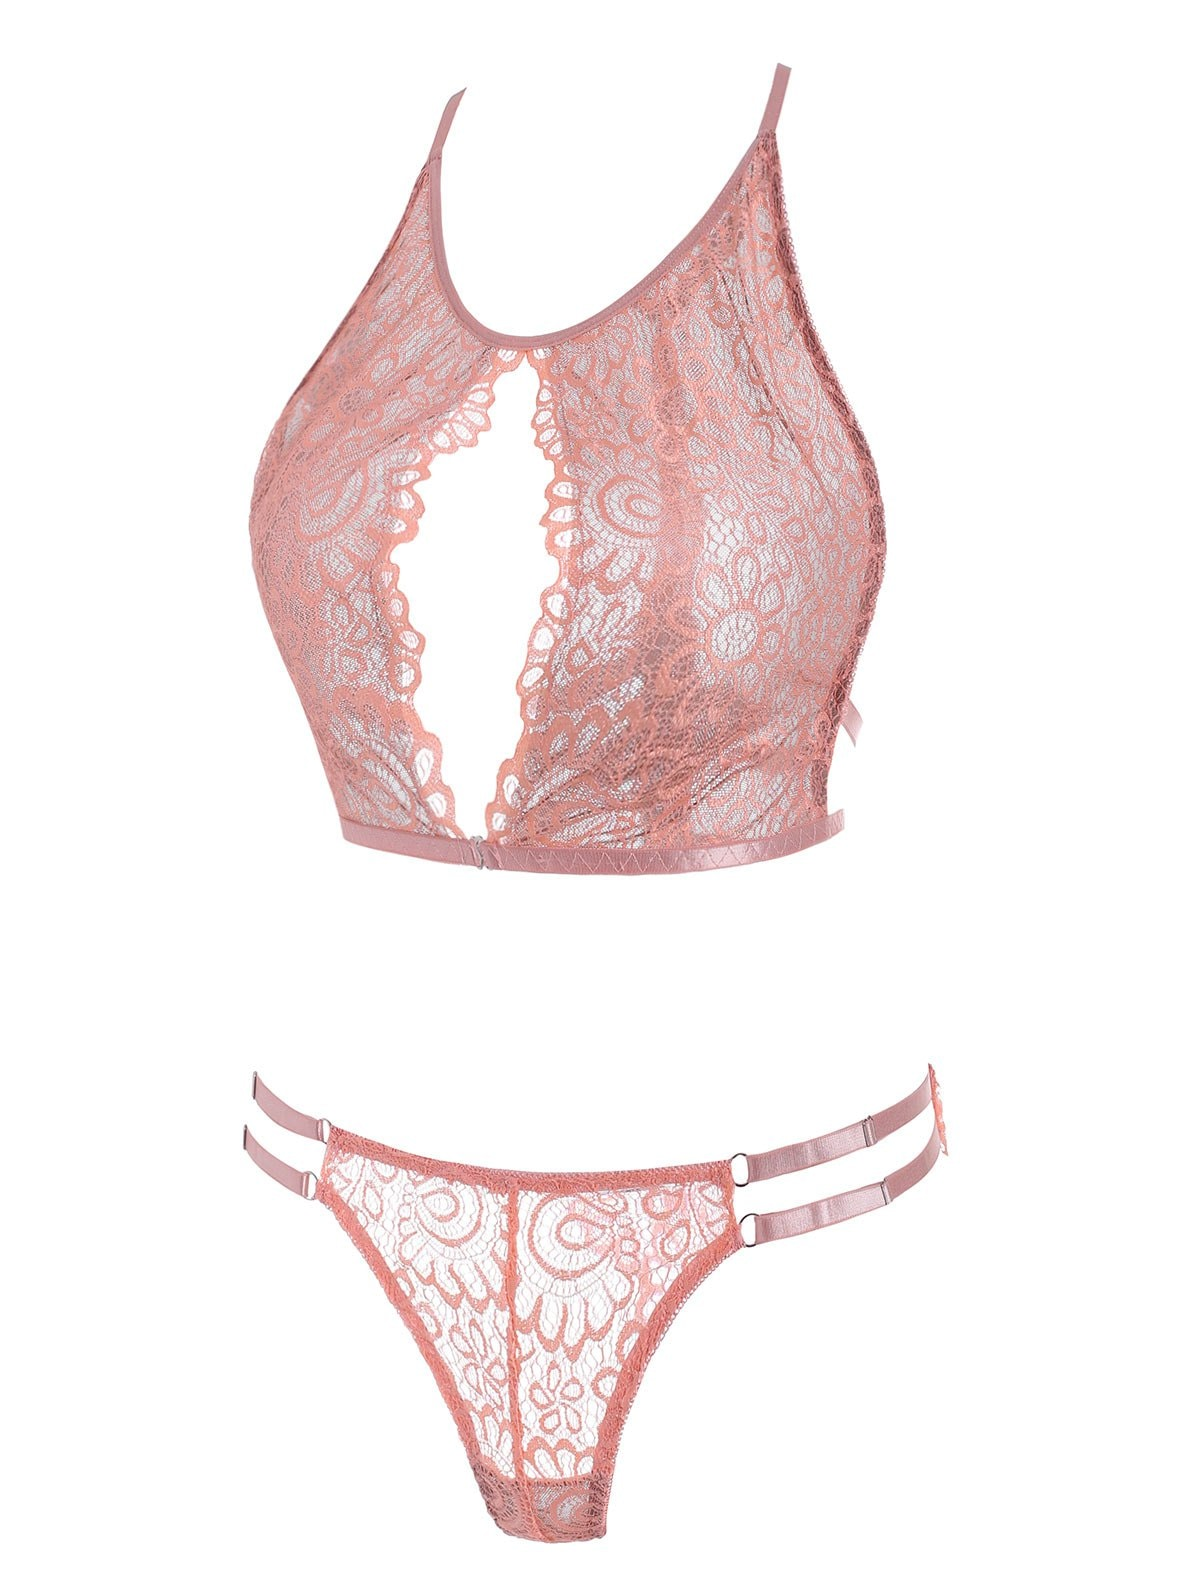 Plus Size Lace Straps Cutout Sheer Lingerie Bralette Set